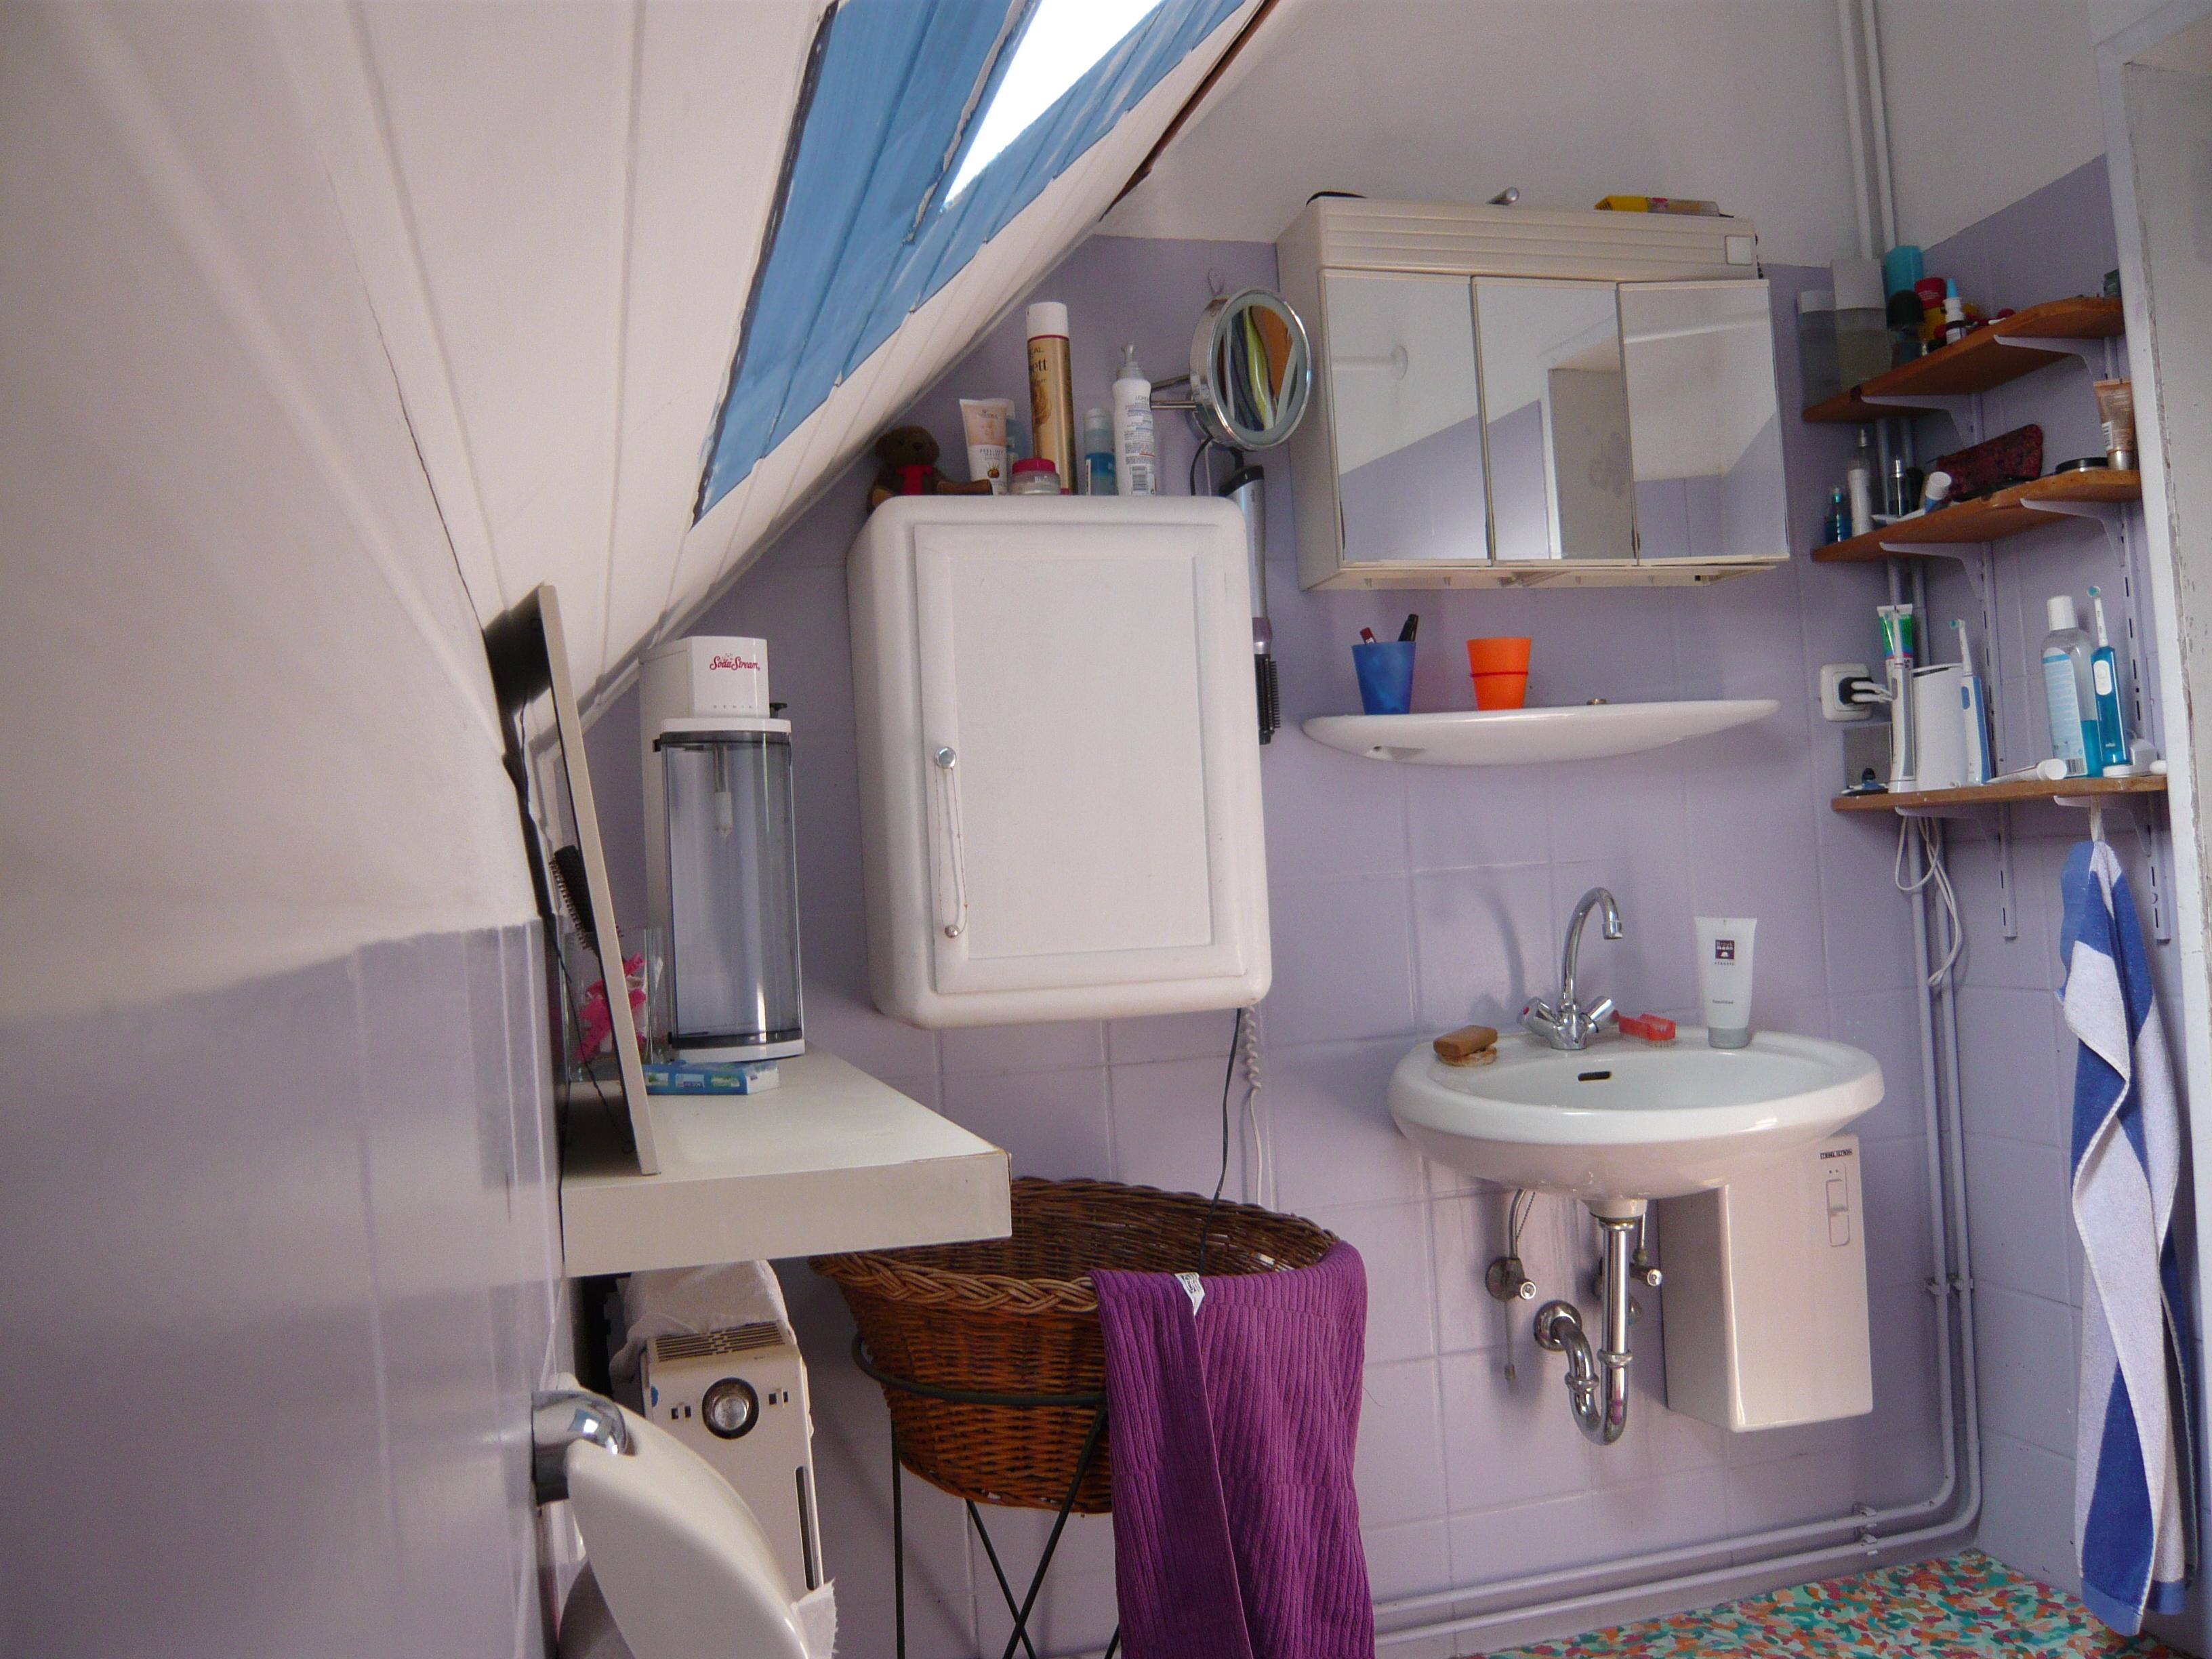 Badezimmer mit Echtholz Akazie